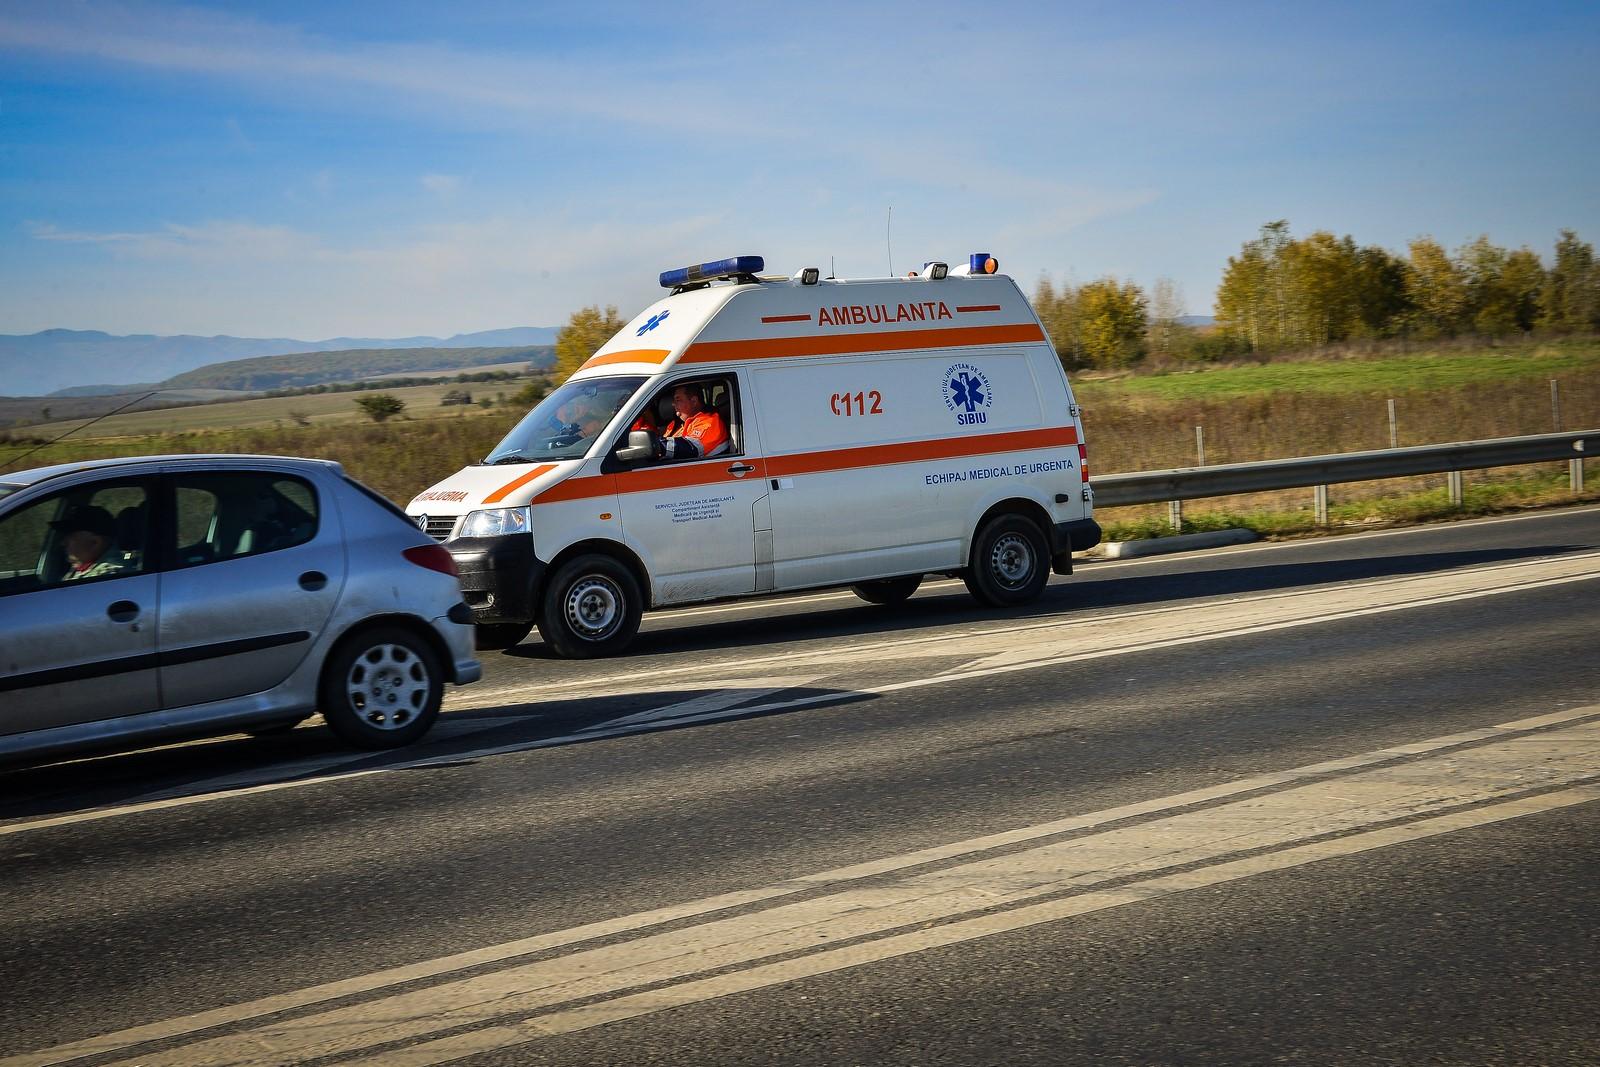 Femeie rănită după ce a intrat cu mașina într-un microbuz, la Veștem